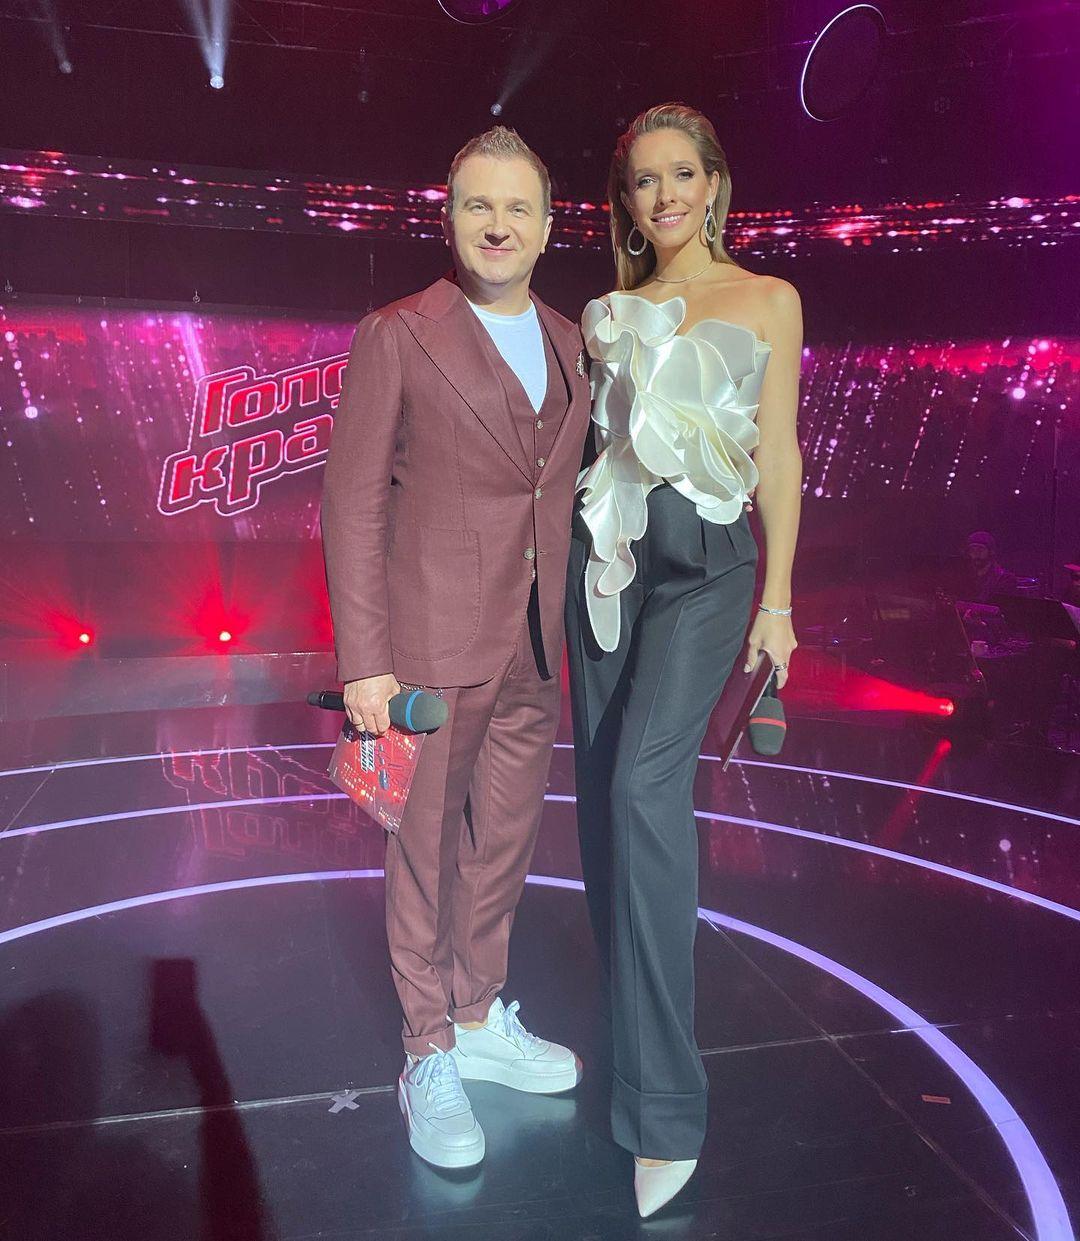 Голос країни 11 сезон жюри тренеры судьи ведущий Катя Осадчая Юрий горбунов